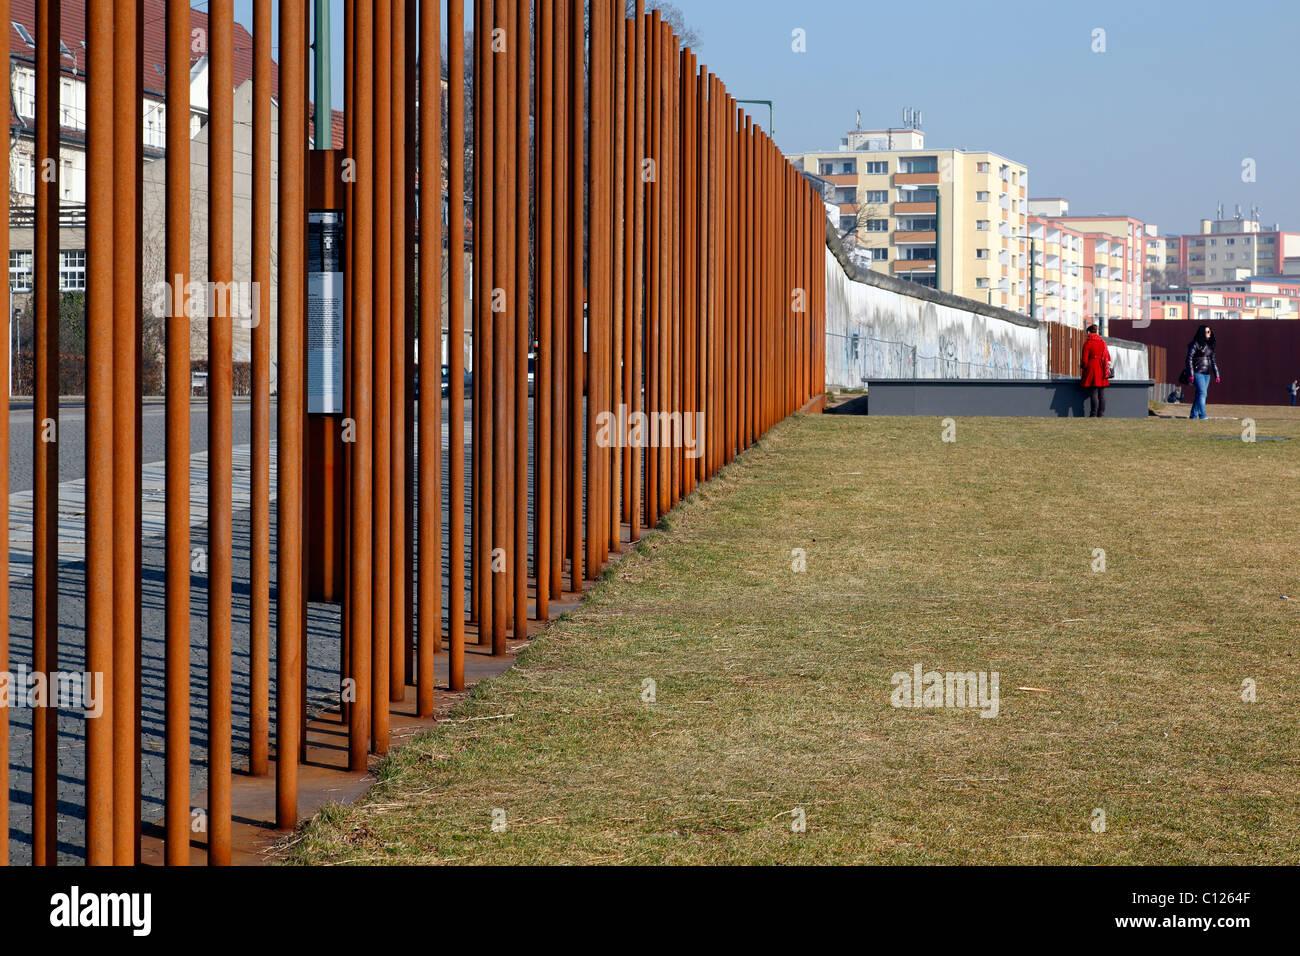 Mémorial du Mur de Berlin d'un centre d'accueil, Berlin, Allemagne Banque D'Images